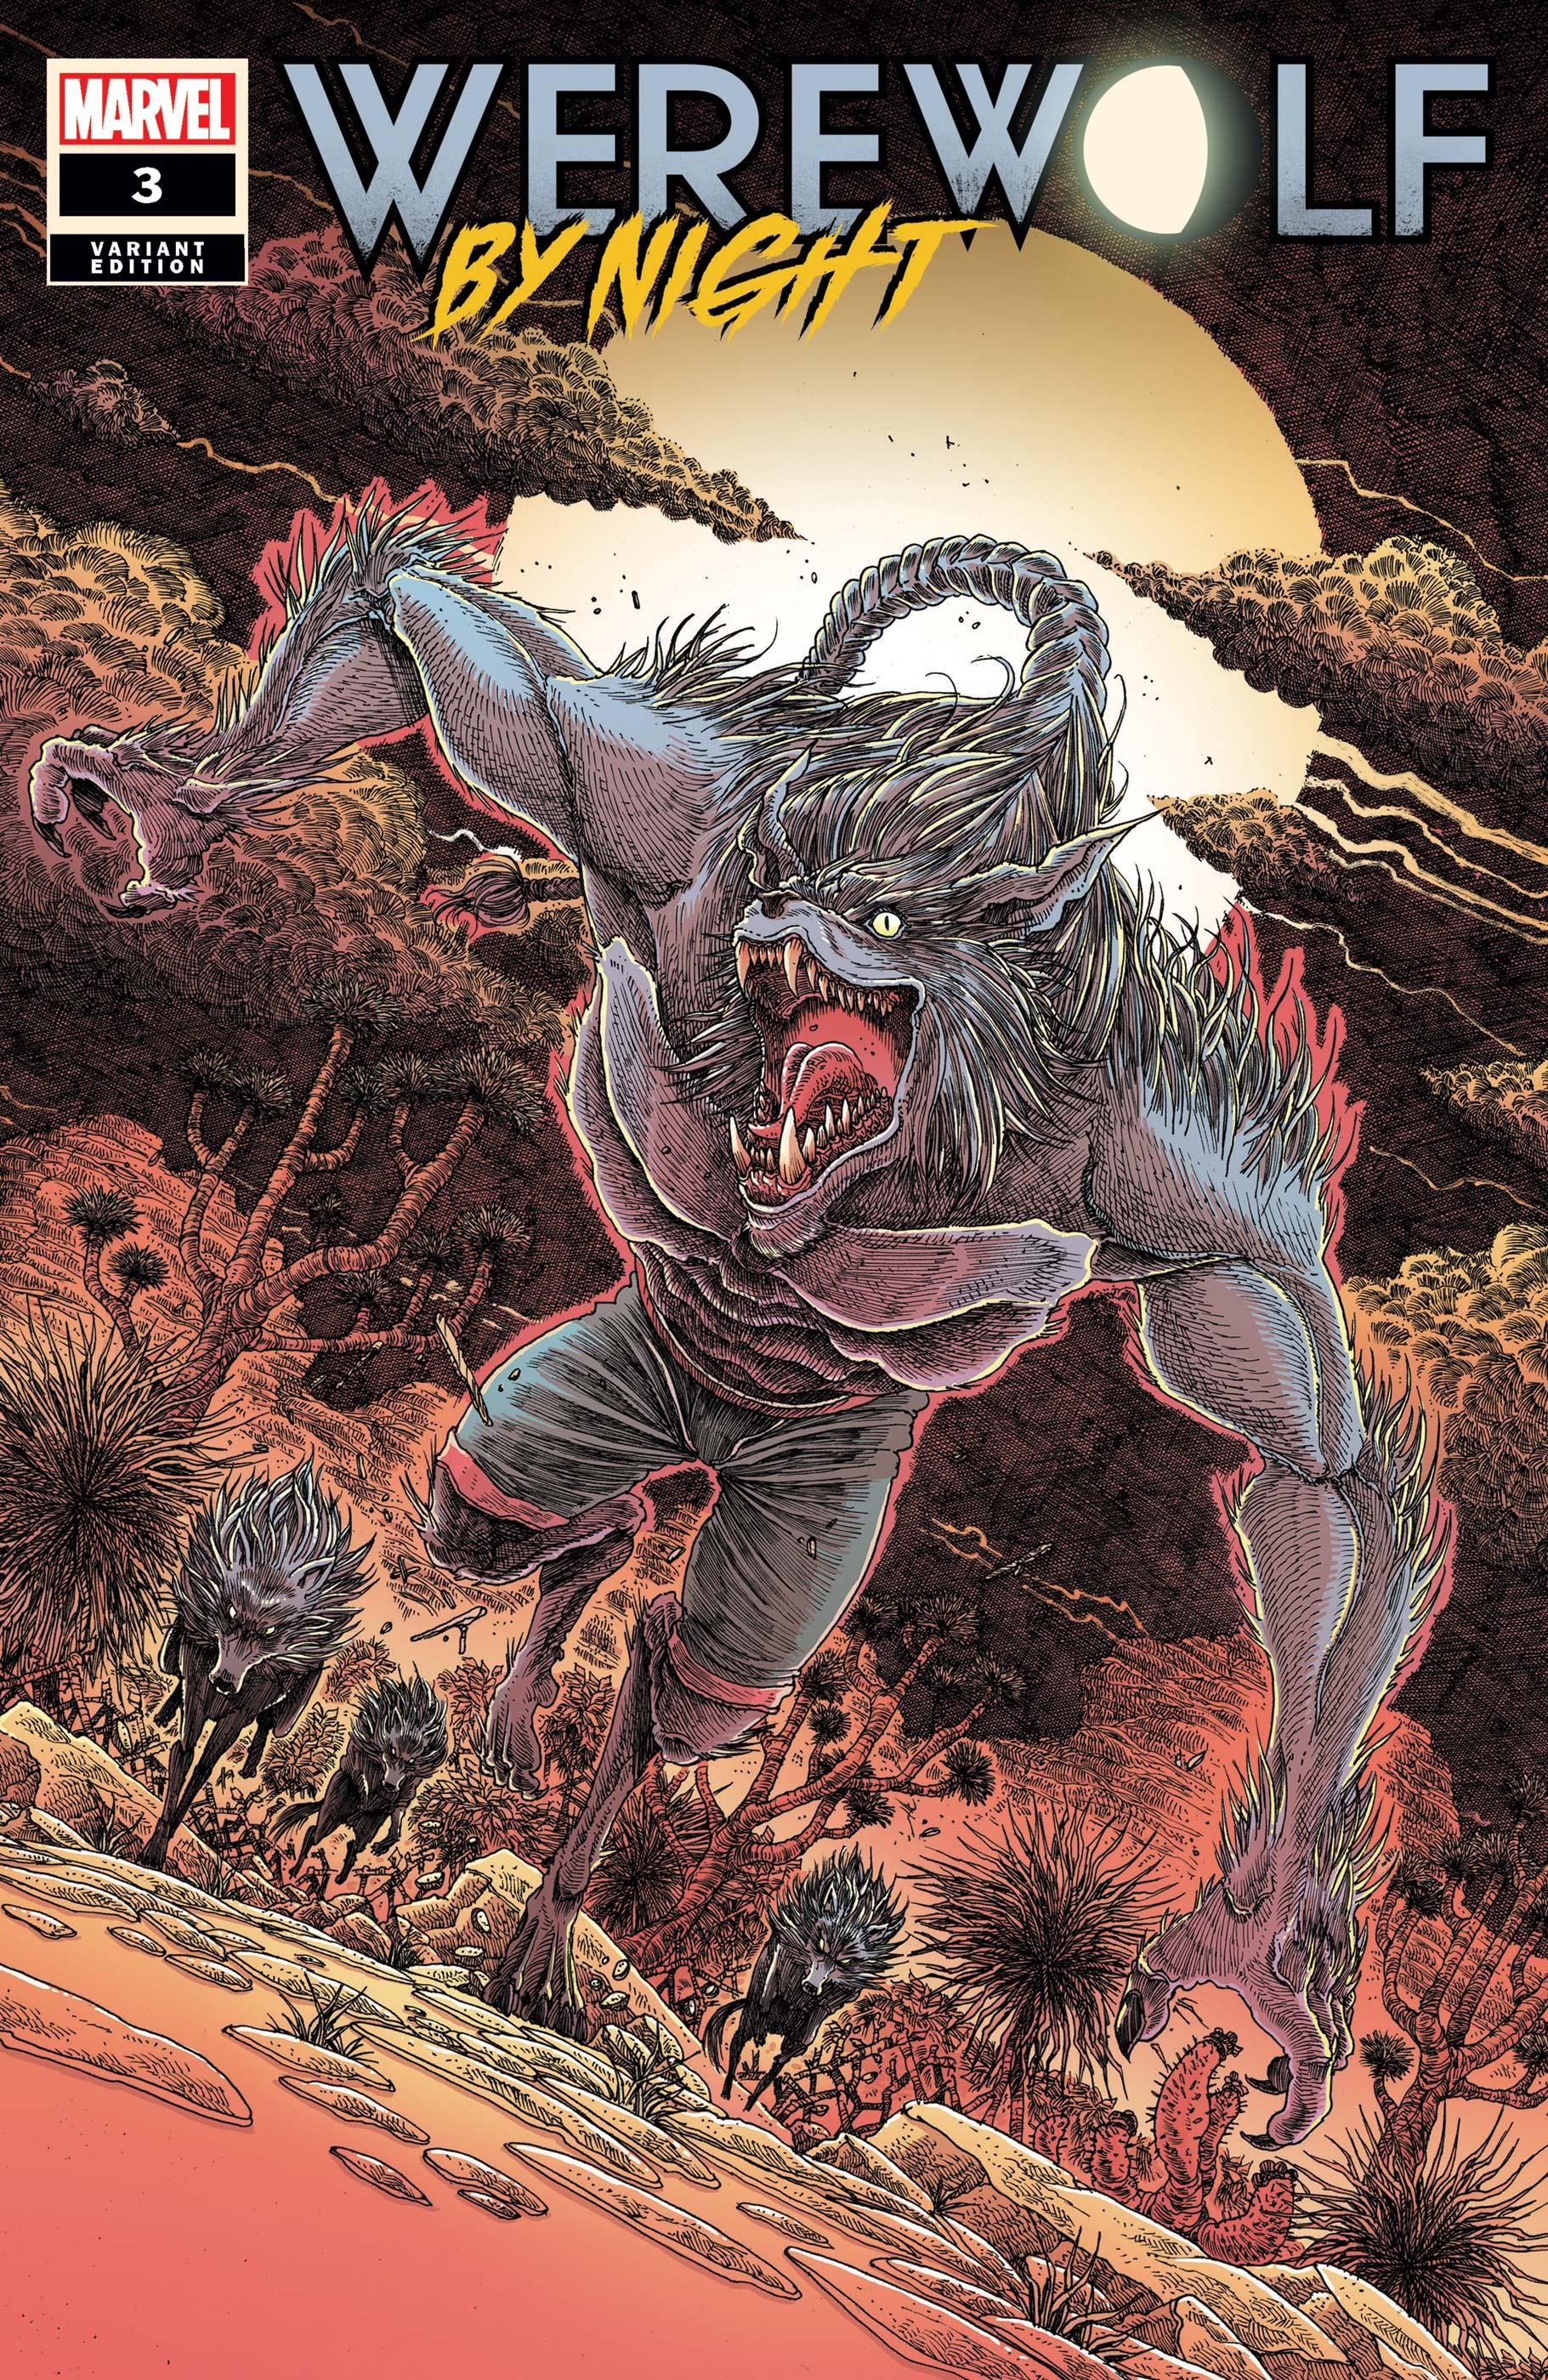 Werewolf by Night (2020) #3 (Variant)